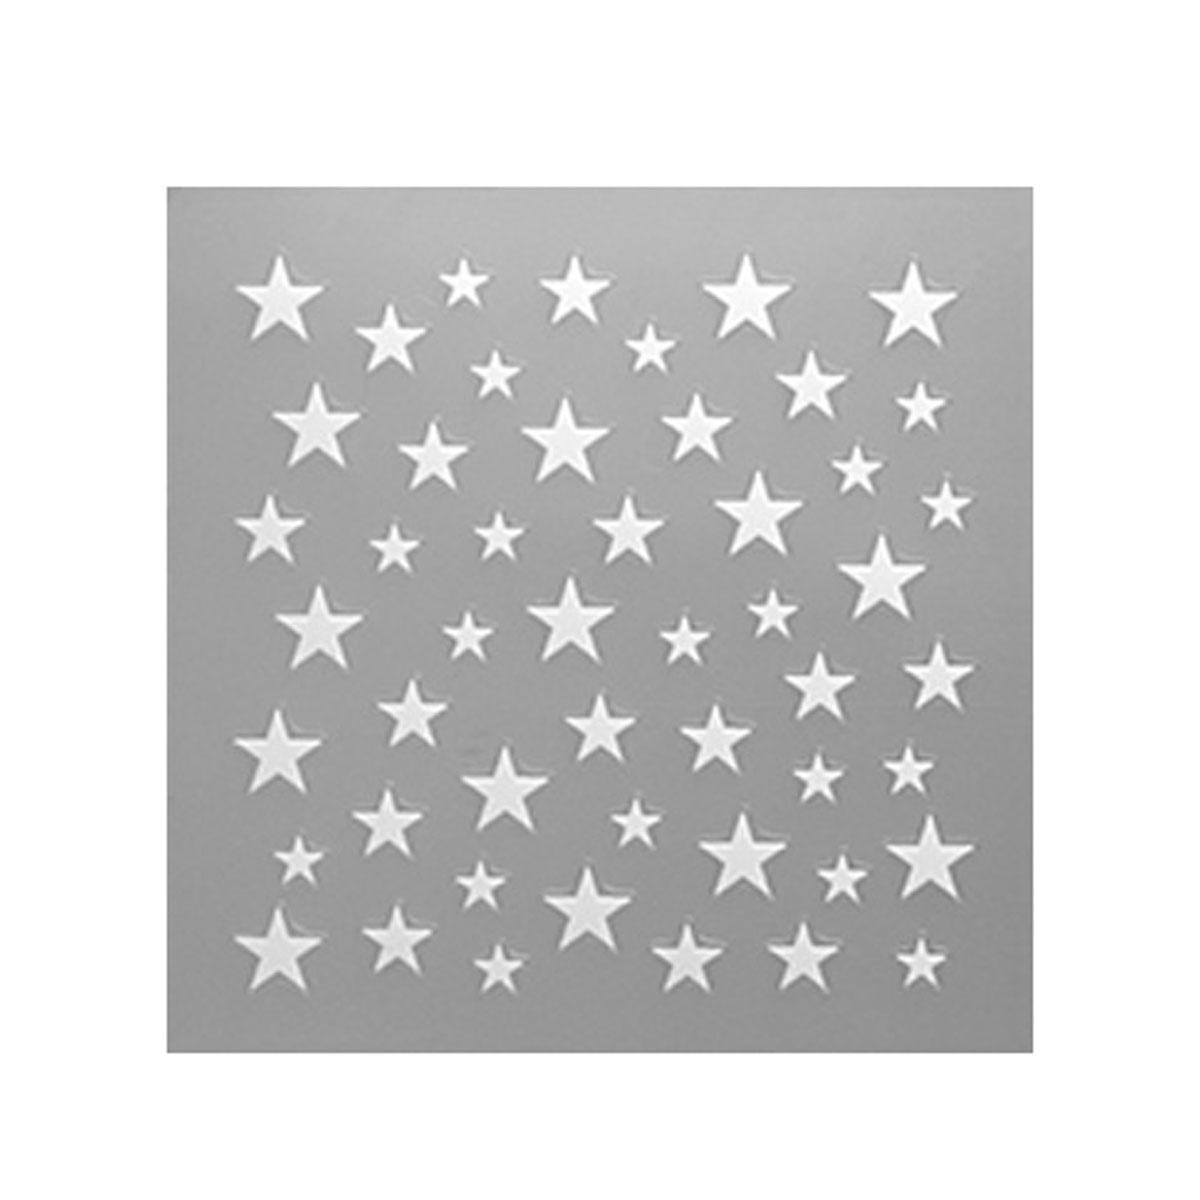 shareydva (シャレドワ) ネイルシール スター ホワイト 星 冬ネイル デザイン セルフネイル マニキュア 64799